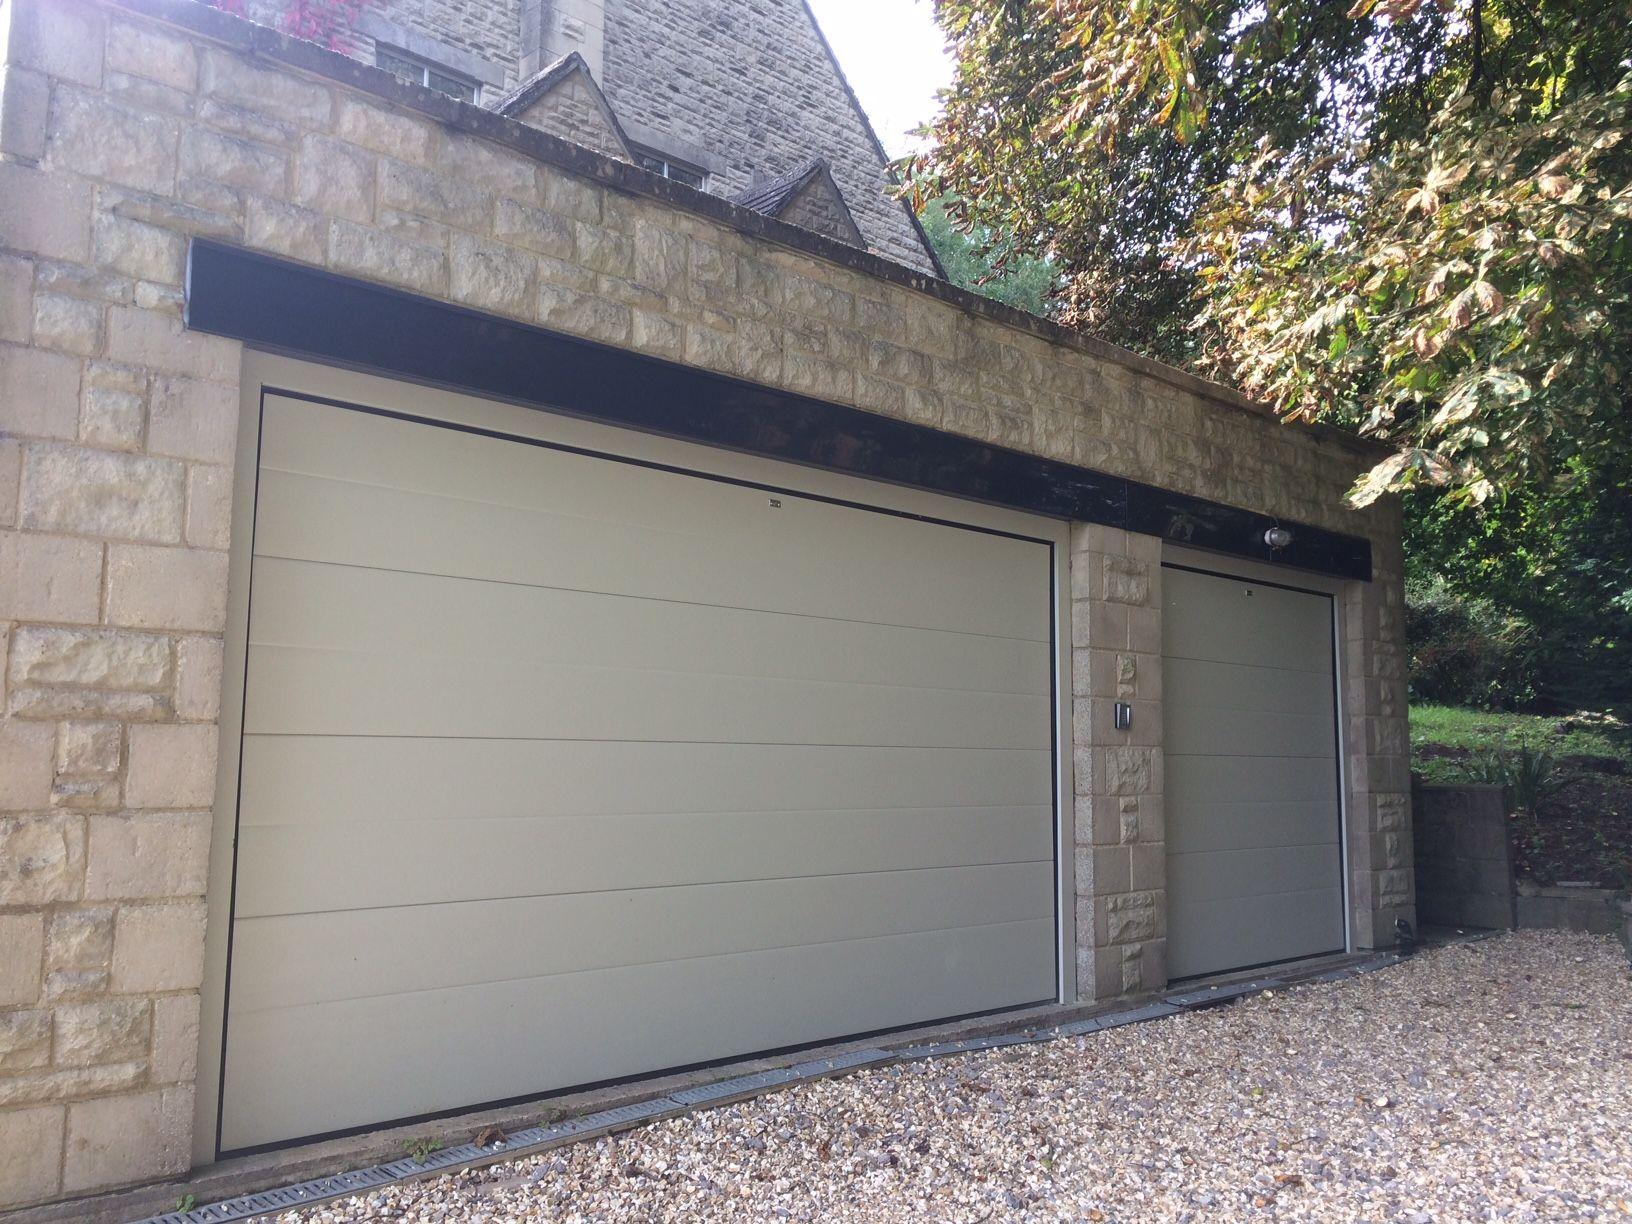 Sectional Garage Door Pebble Grey Ral 7032 Garage Doors